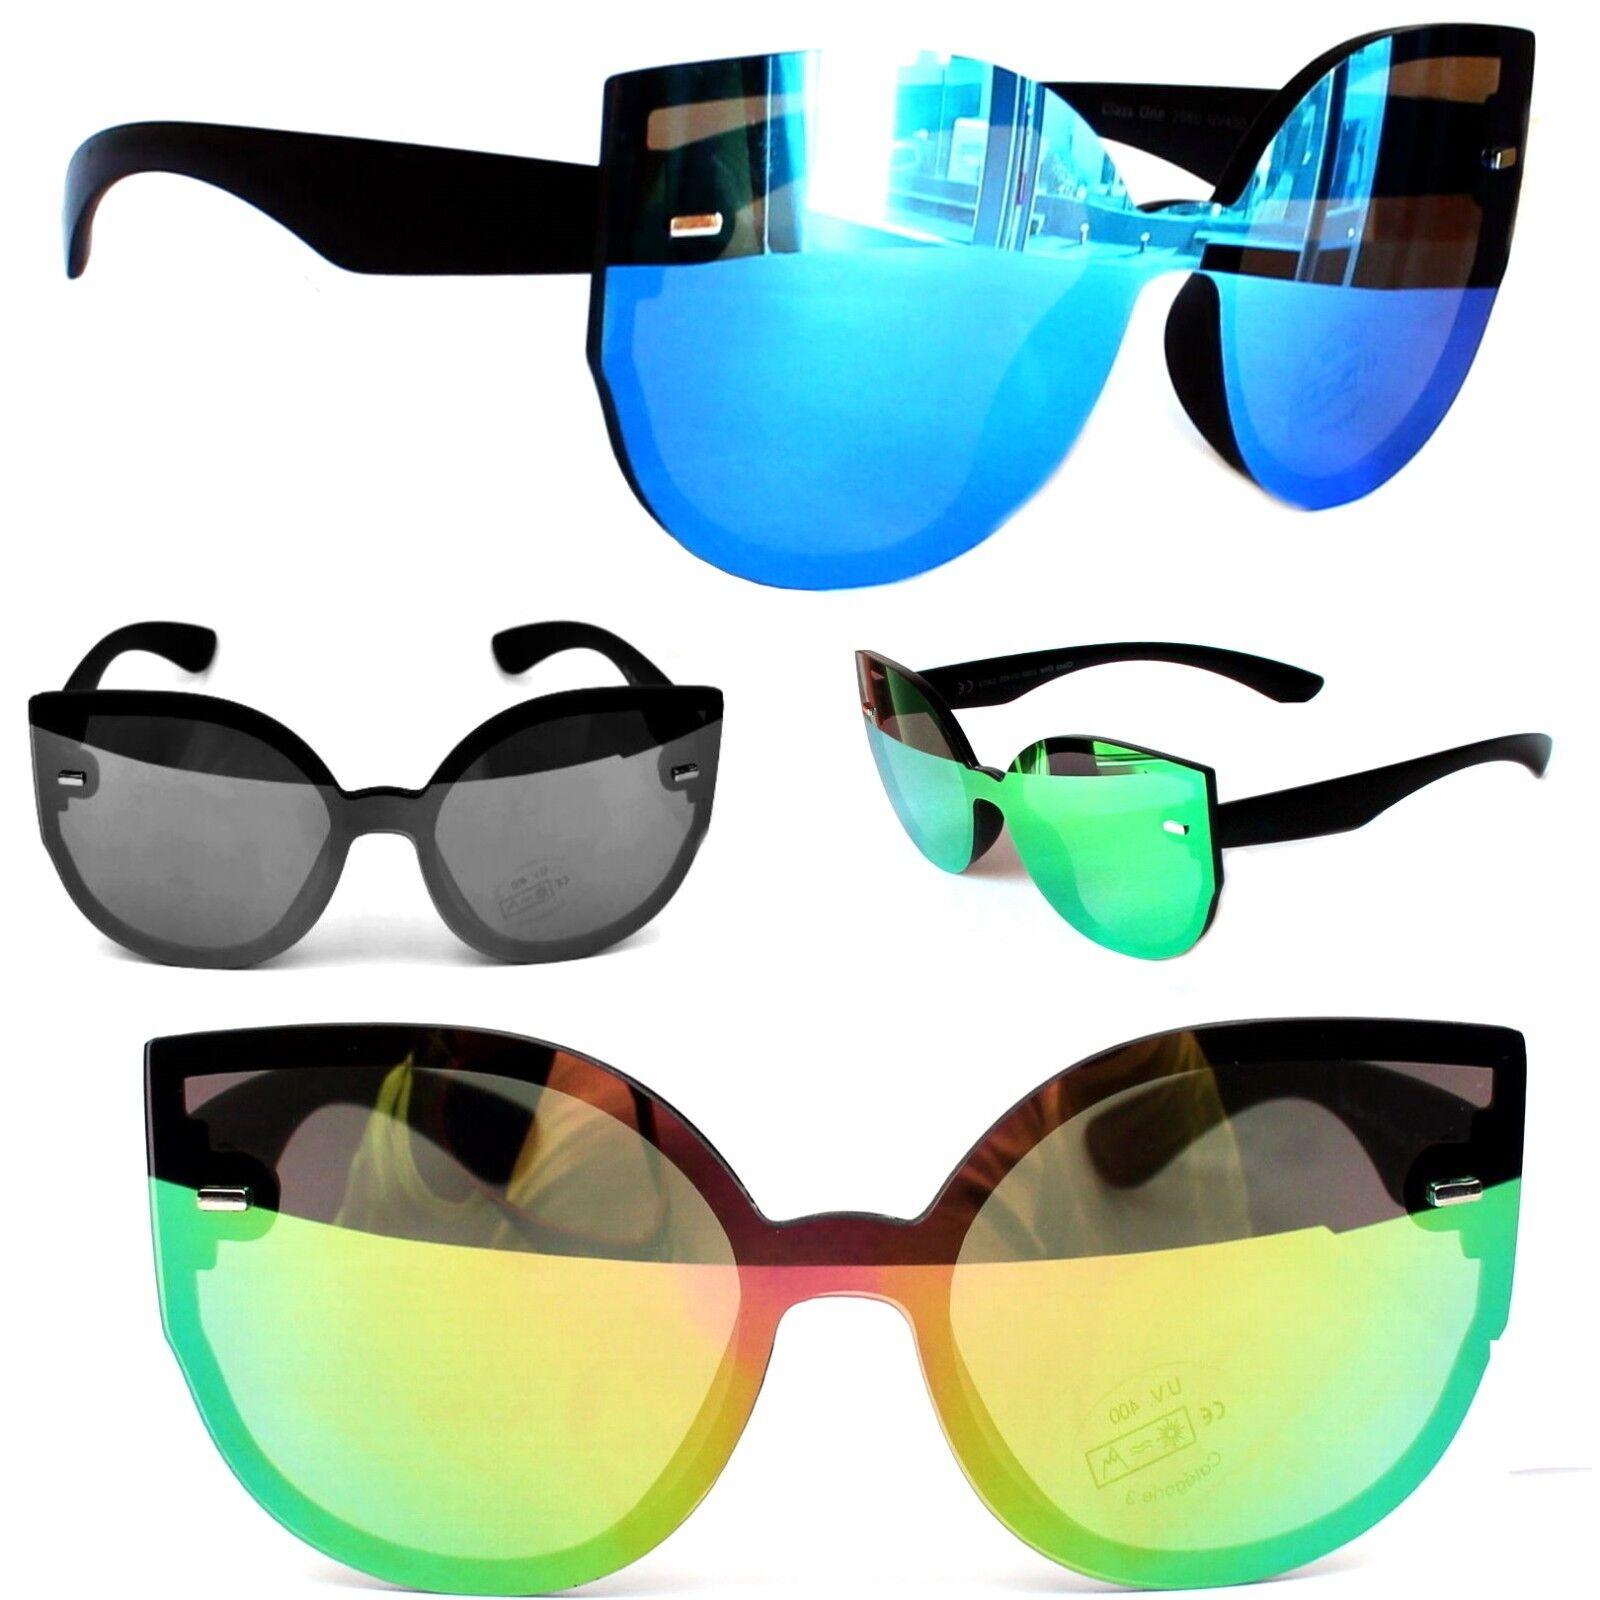 Moderne Große Katzenaugen Sonnenbrille Cateye Verspiegelt Schwarz Grün Blau 2650